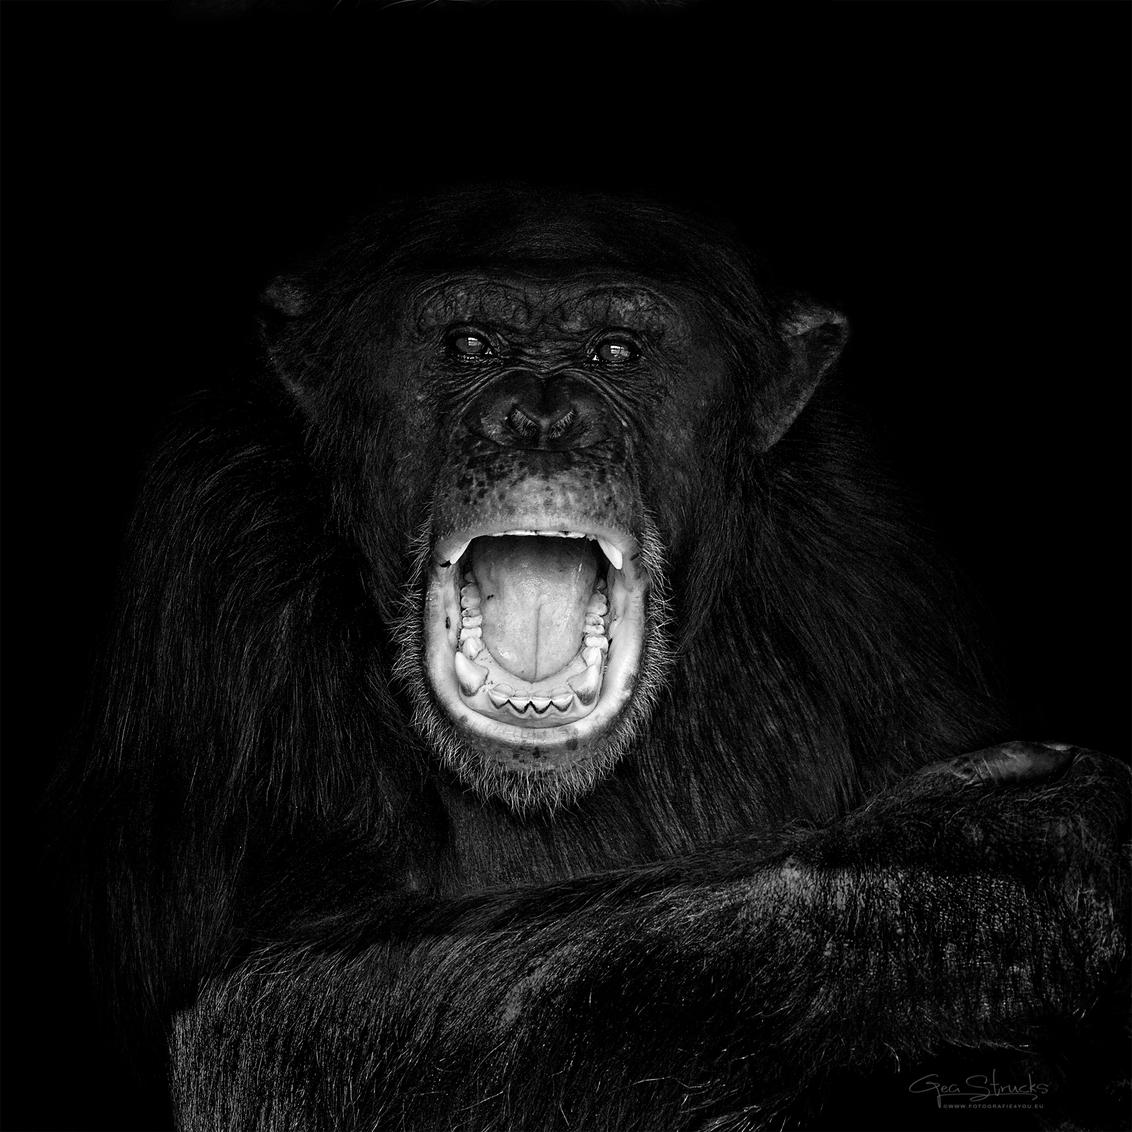 Chimpsceamjpg - Deze chimp was vreselijk aan het schreeuwen. Gewoon uit frustratie denk ik, maar toch mooi voor het plaatje - foto door madcorona op 16-10-2020 - deze foto bevat: aap